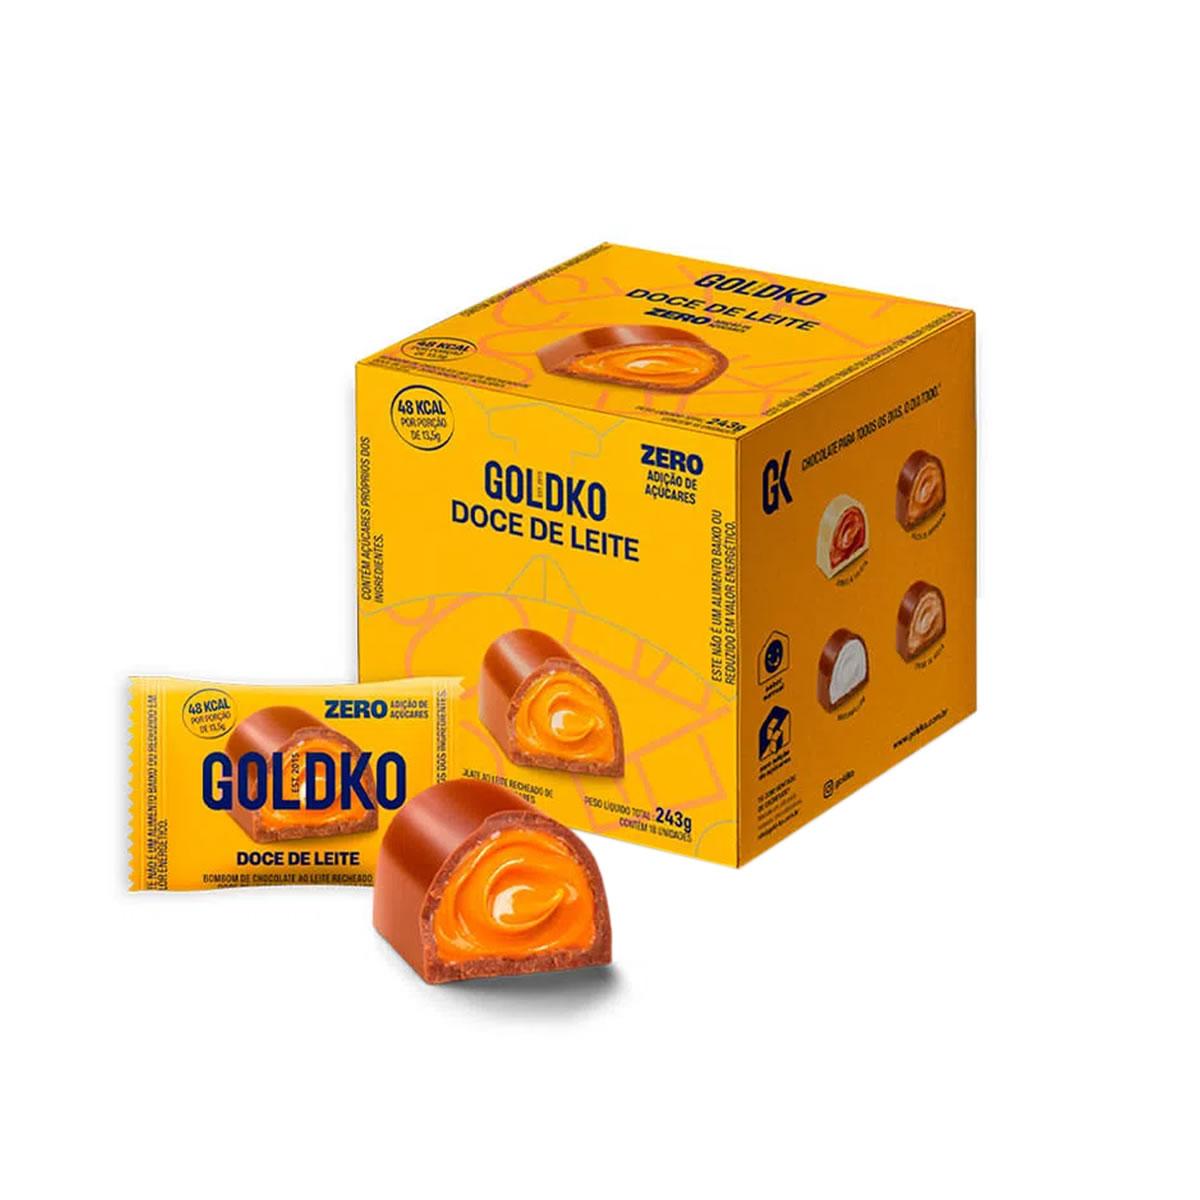 Bombom de Chocolate ao Leite com Doce de Leite Zero Display com 18 un. de 13,5g - Gold & Ko